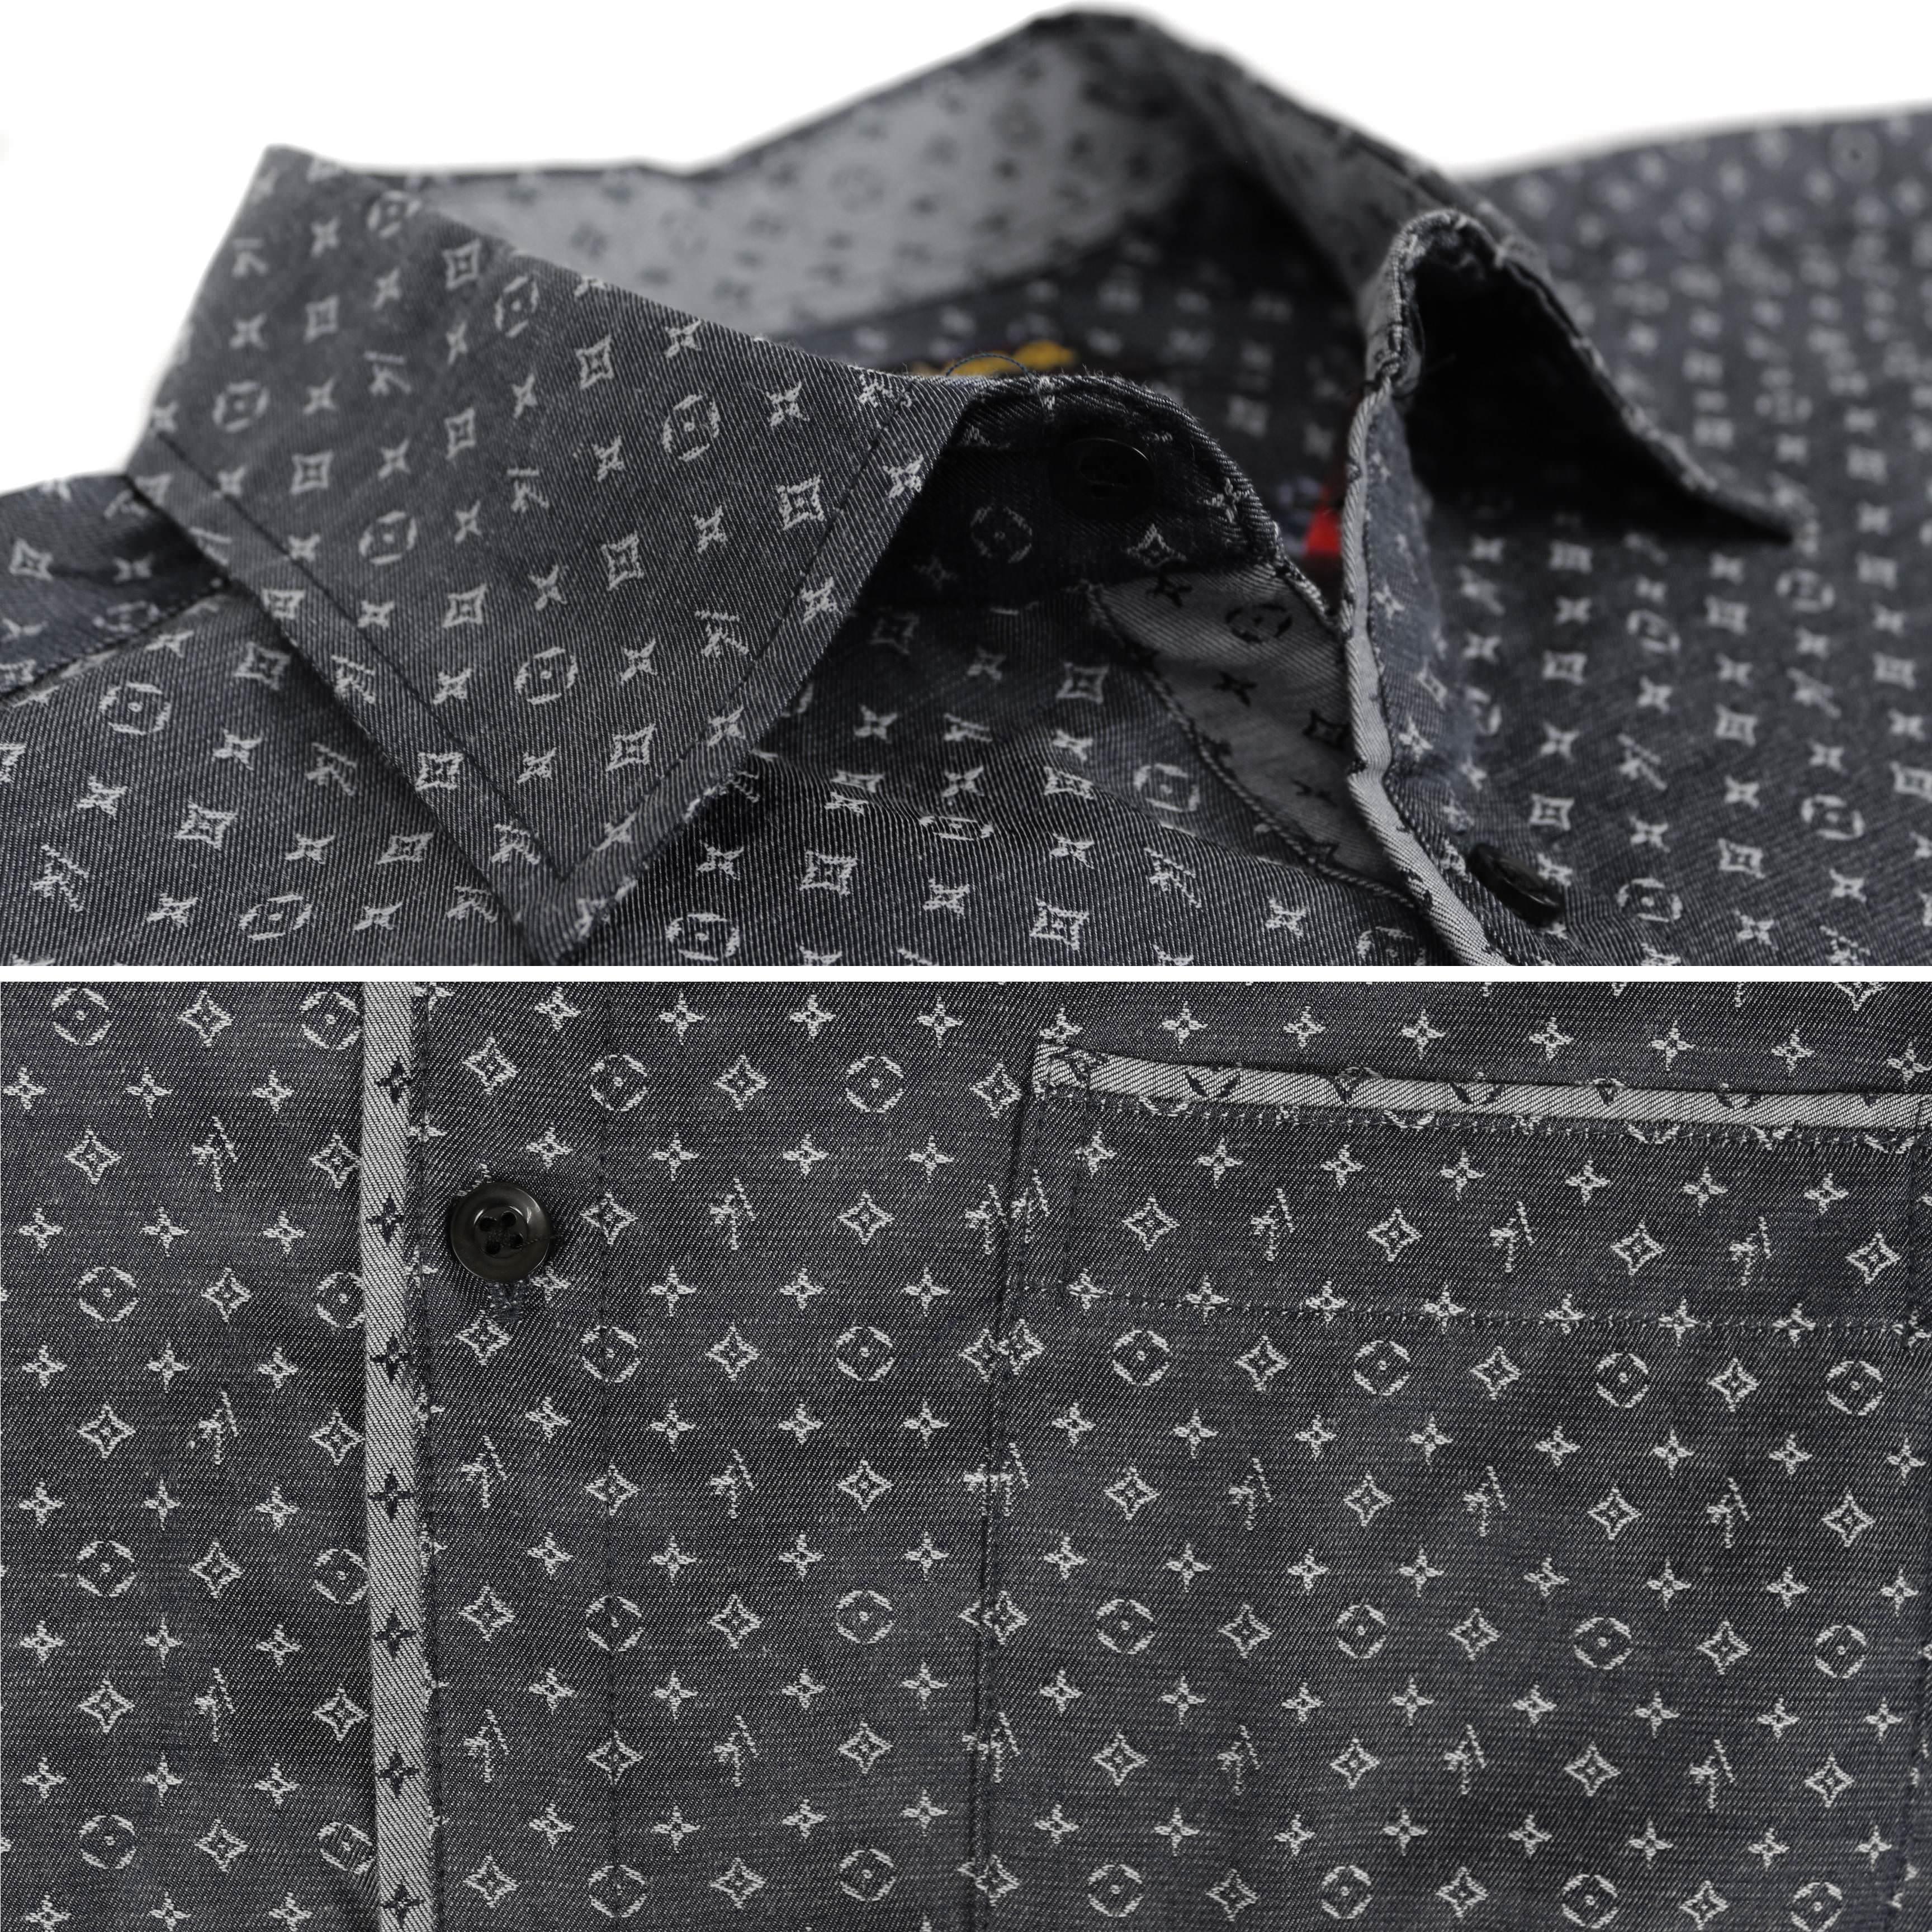 thumbnail 6 - LW-Men-039-s-Western-Button-Up-Long-Sleeve-Designer-Dress-Shirt